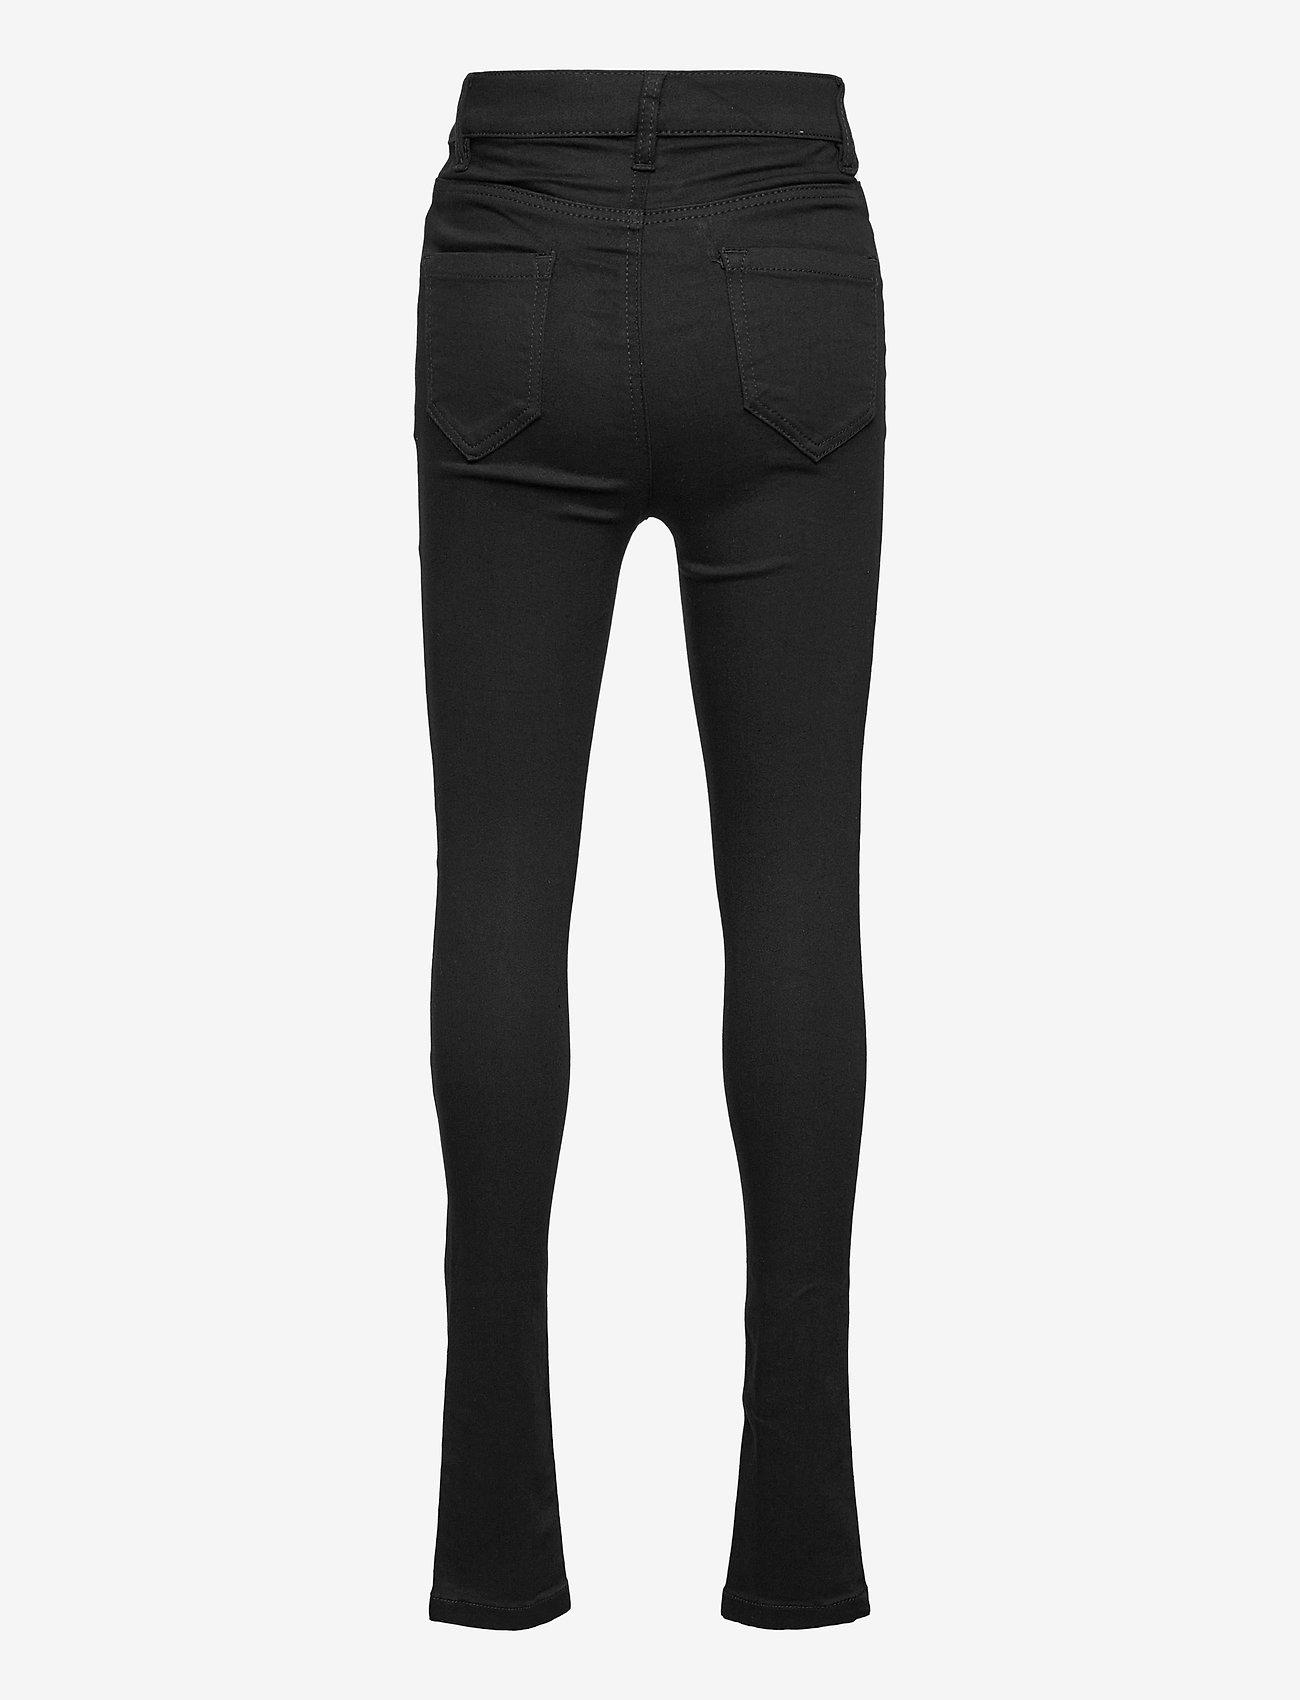 LMTD - NLFPIL DNMTECILLE 7376 HW PANT - jeans - black denim - 1